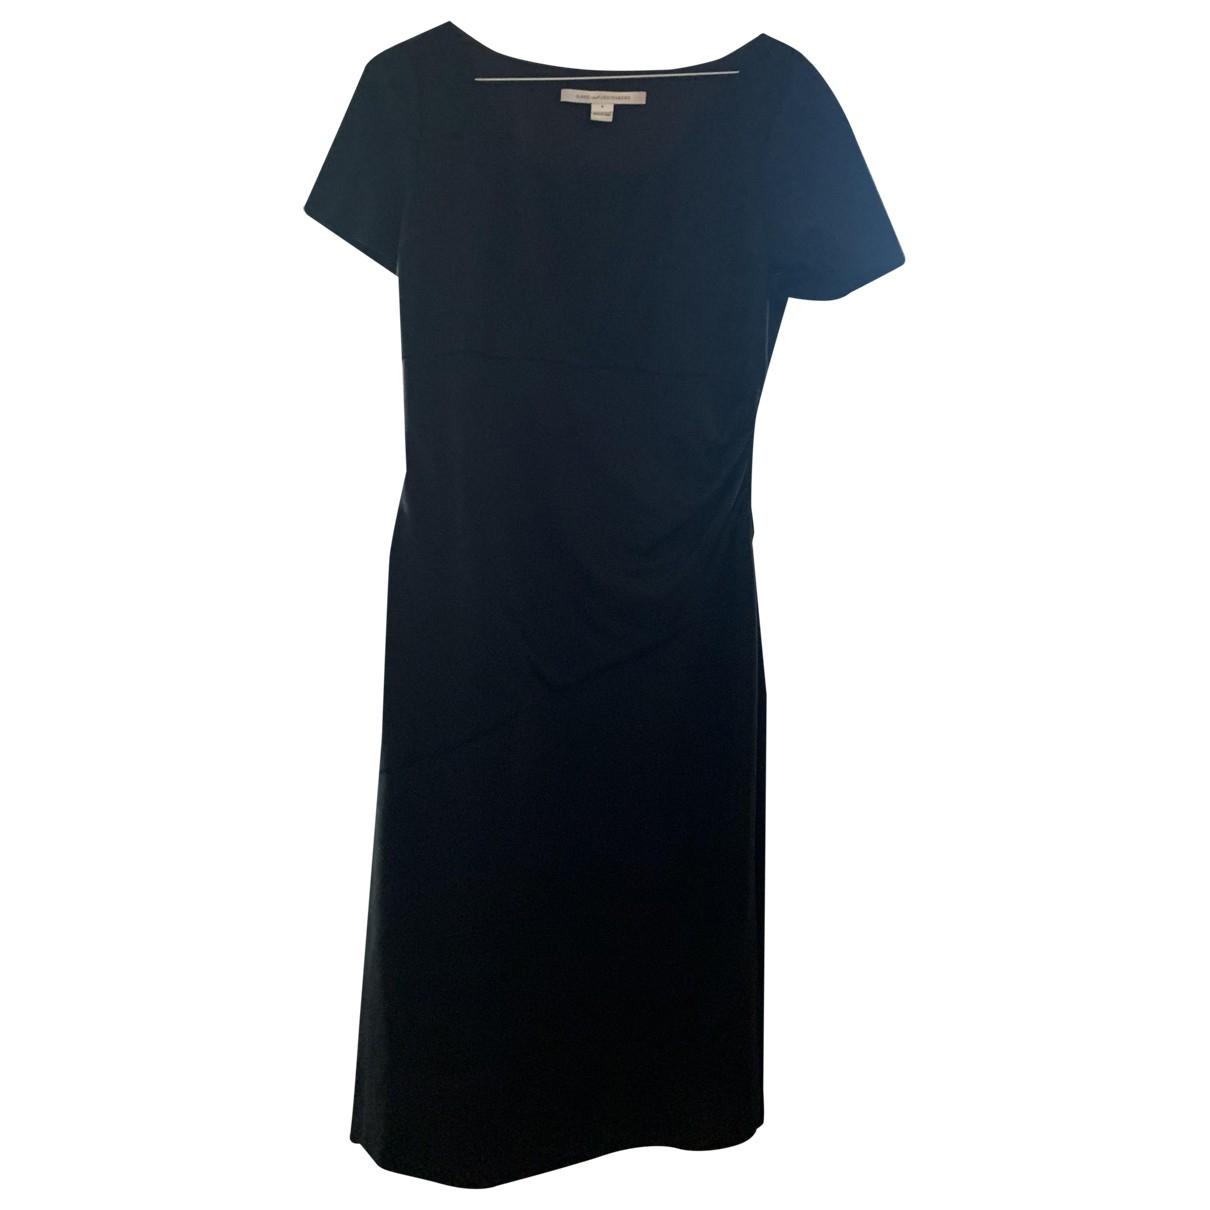 Diane Von Furstenberg N Black dress for Women 6 US